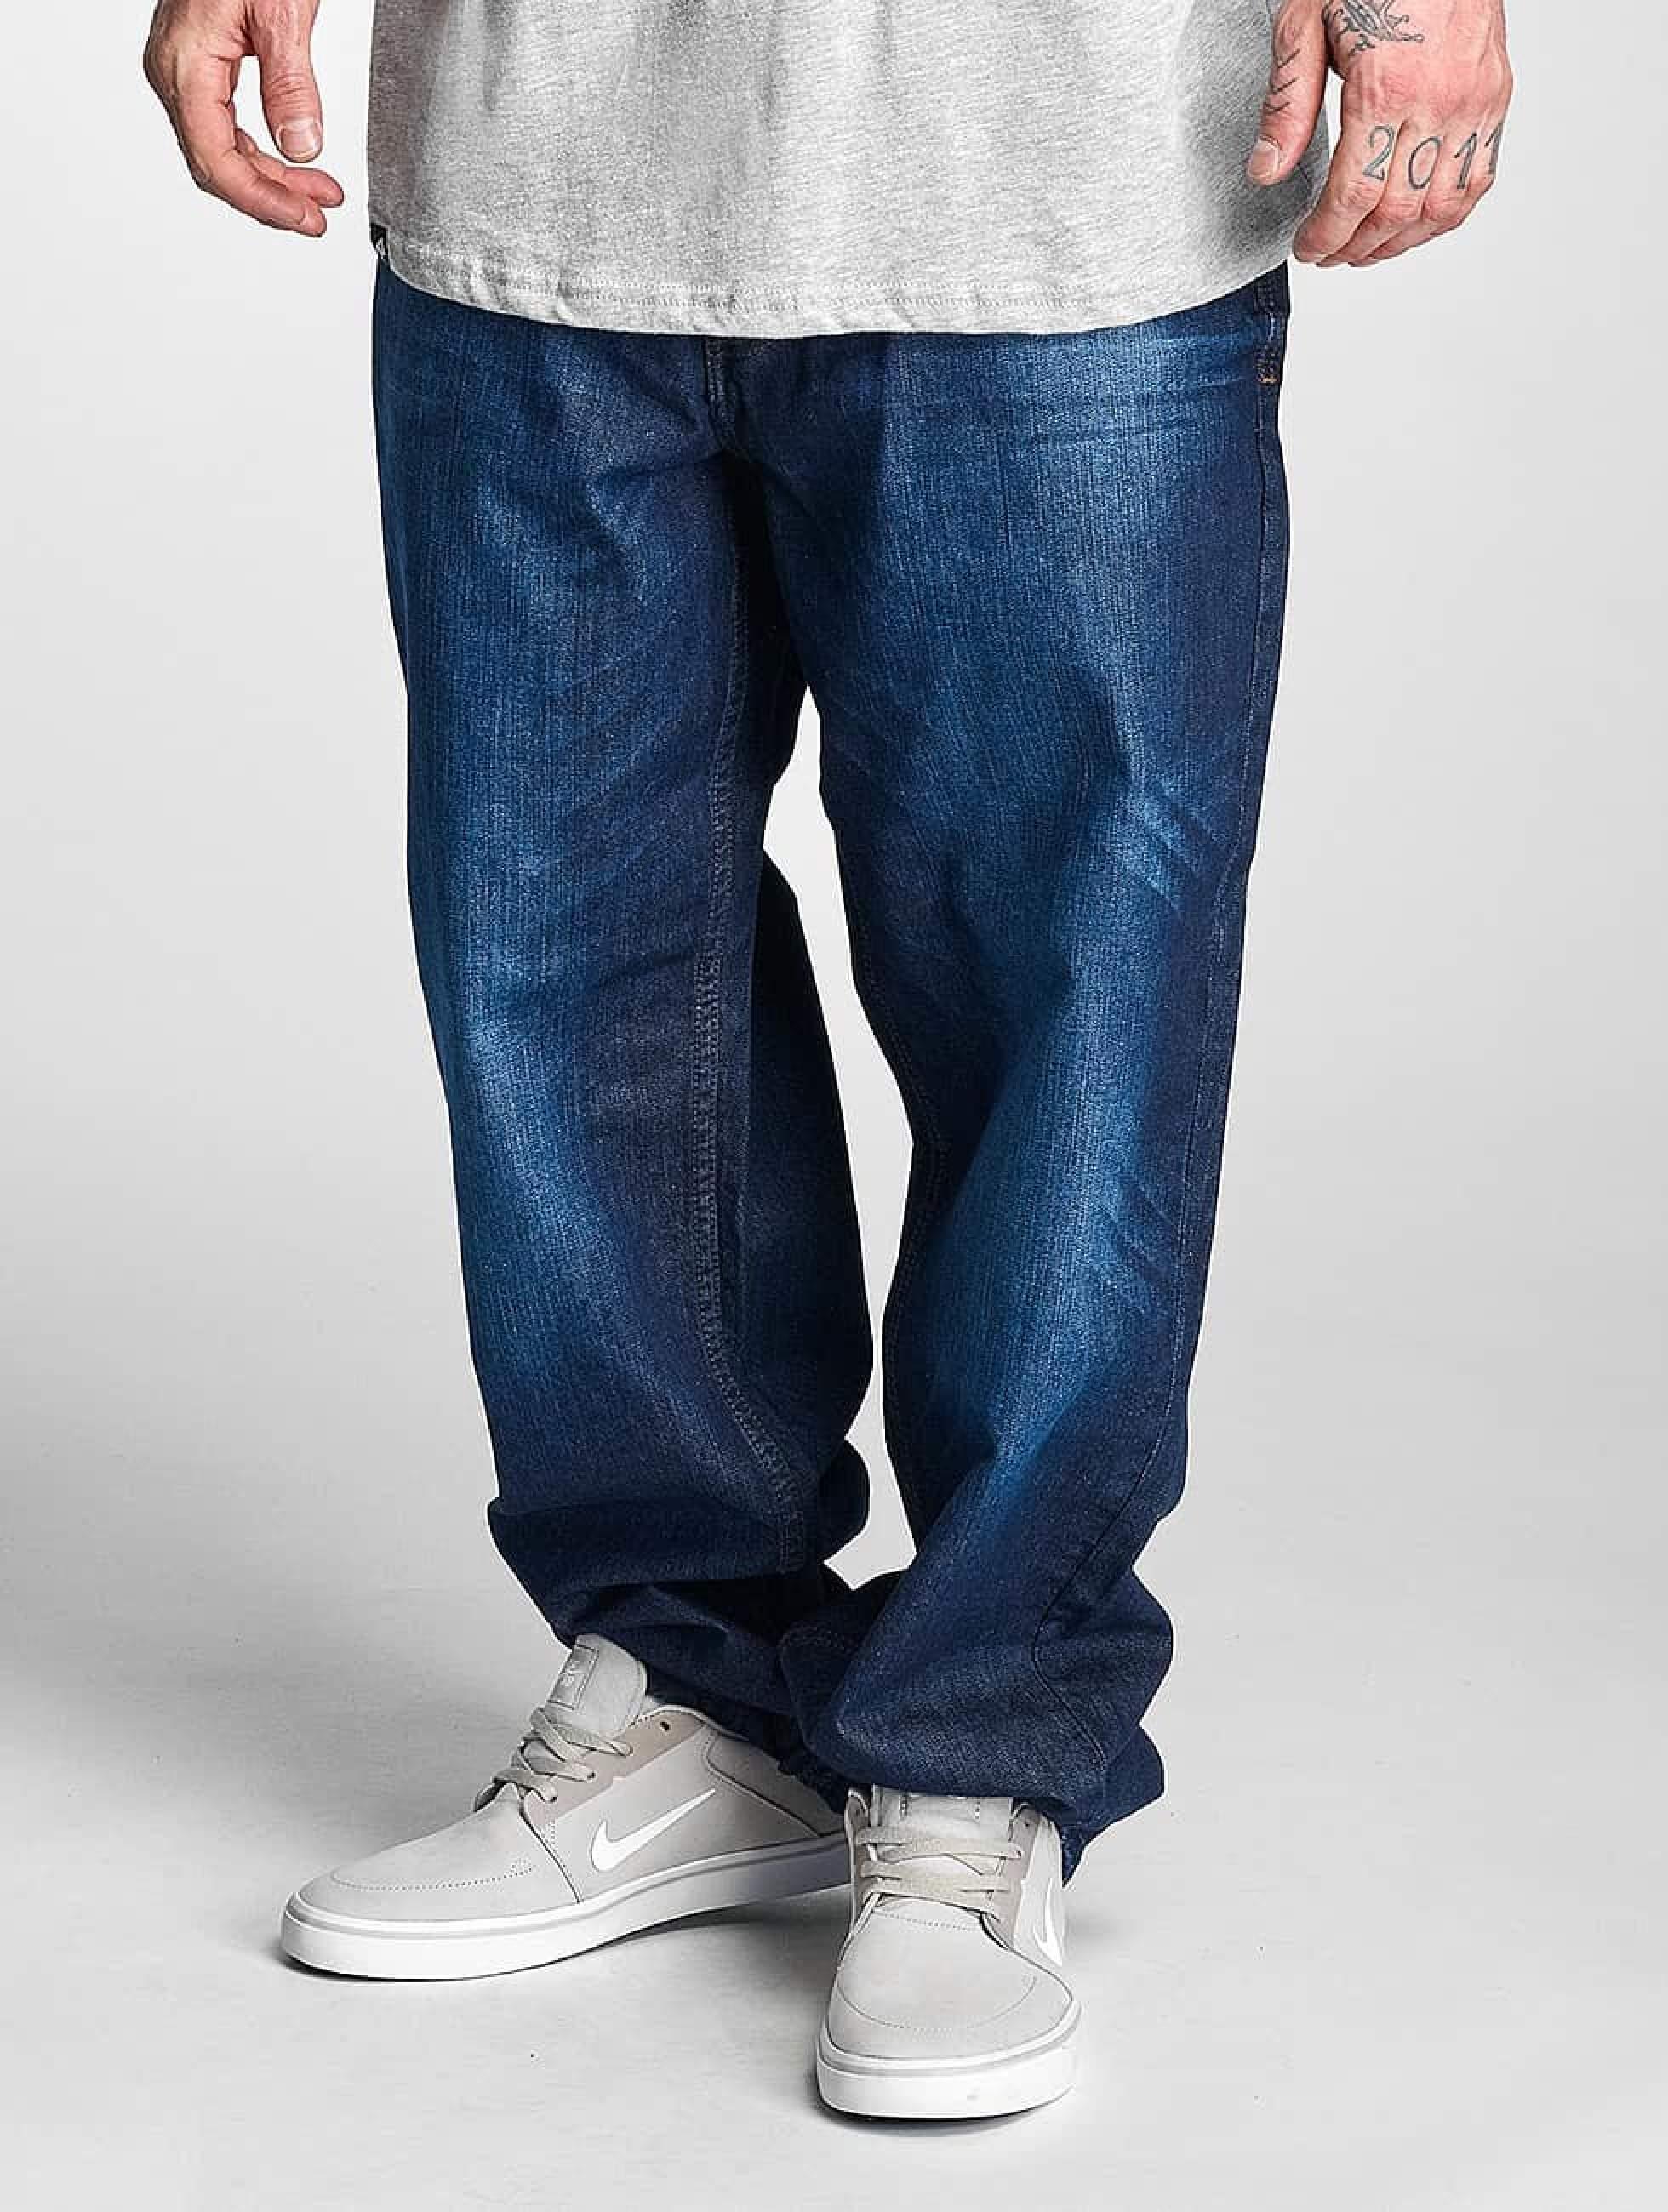 Rocawear / Baggy Baggy in blue W 36